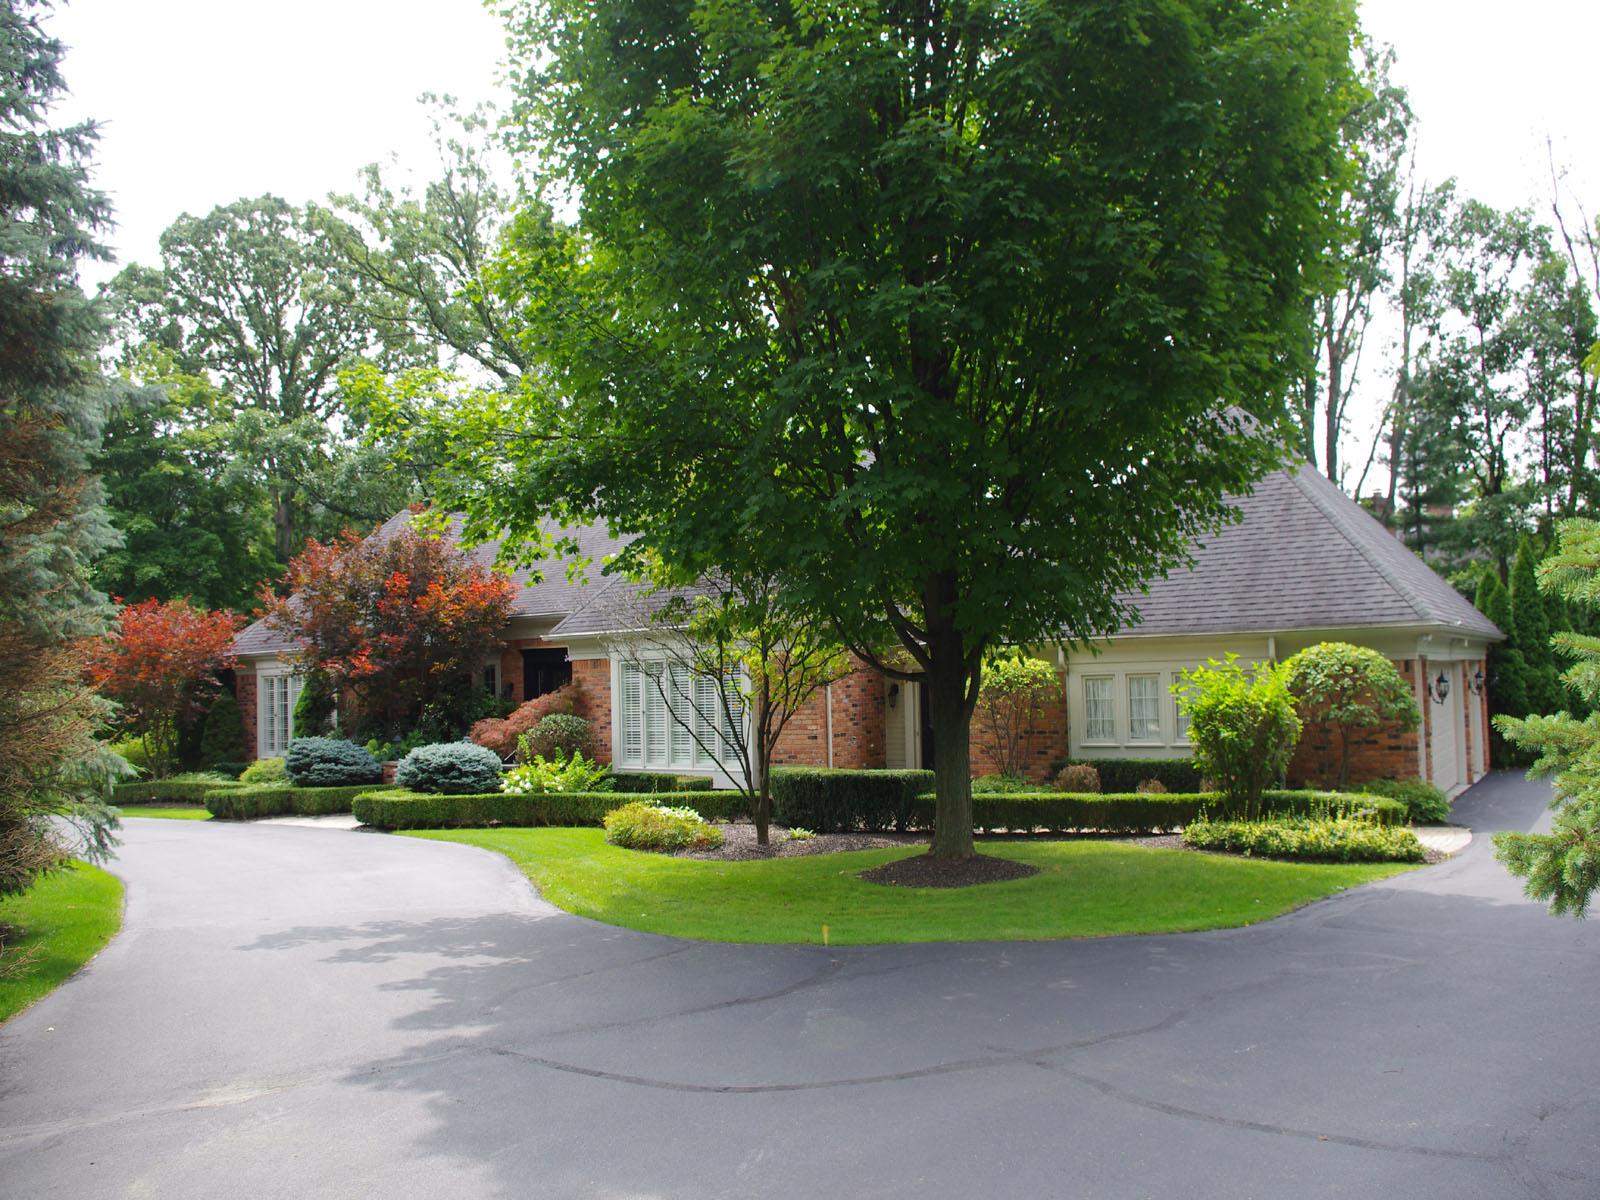 Maison unifamiliale pour l Vente à Bloomfield 345 Martell Drive Bloomfield, Michigan 48304 États-Unis